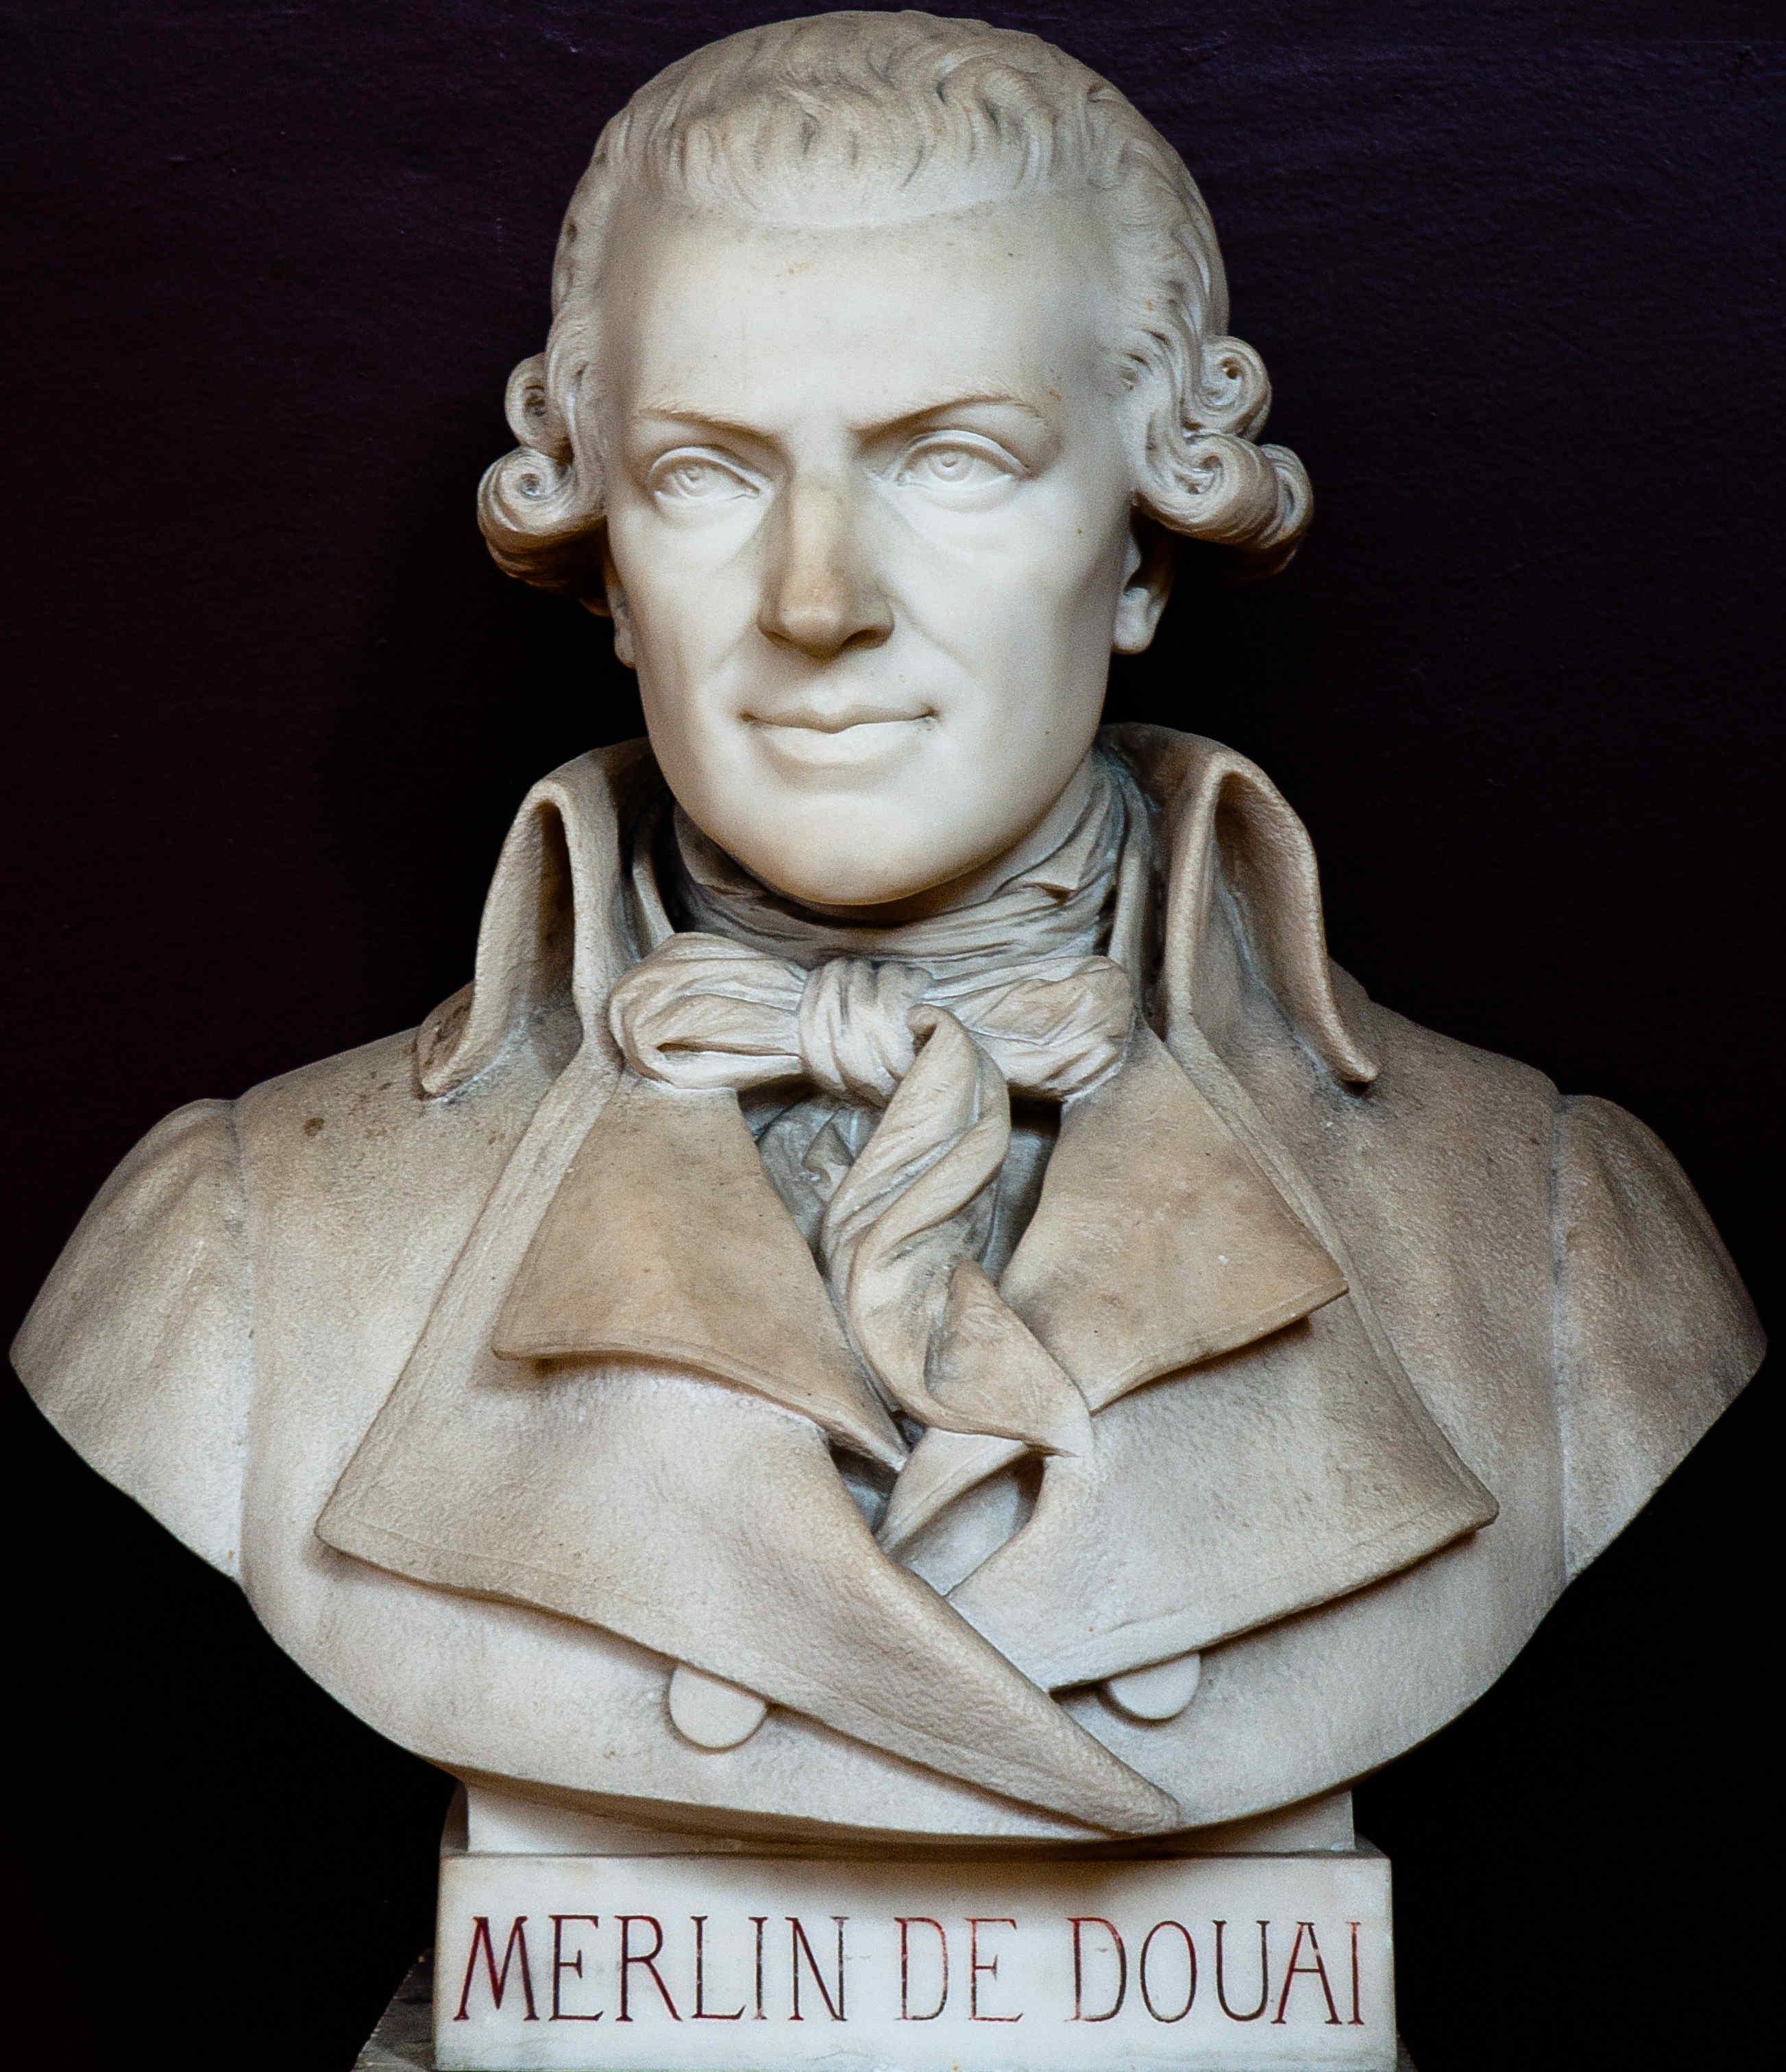 Merlin de Douai, Buste du Musée du Jeu de Paume, D. R.